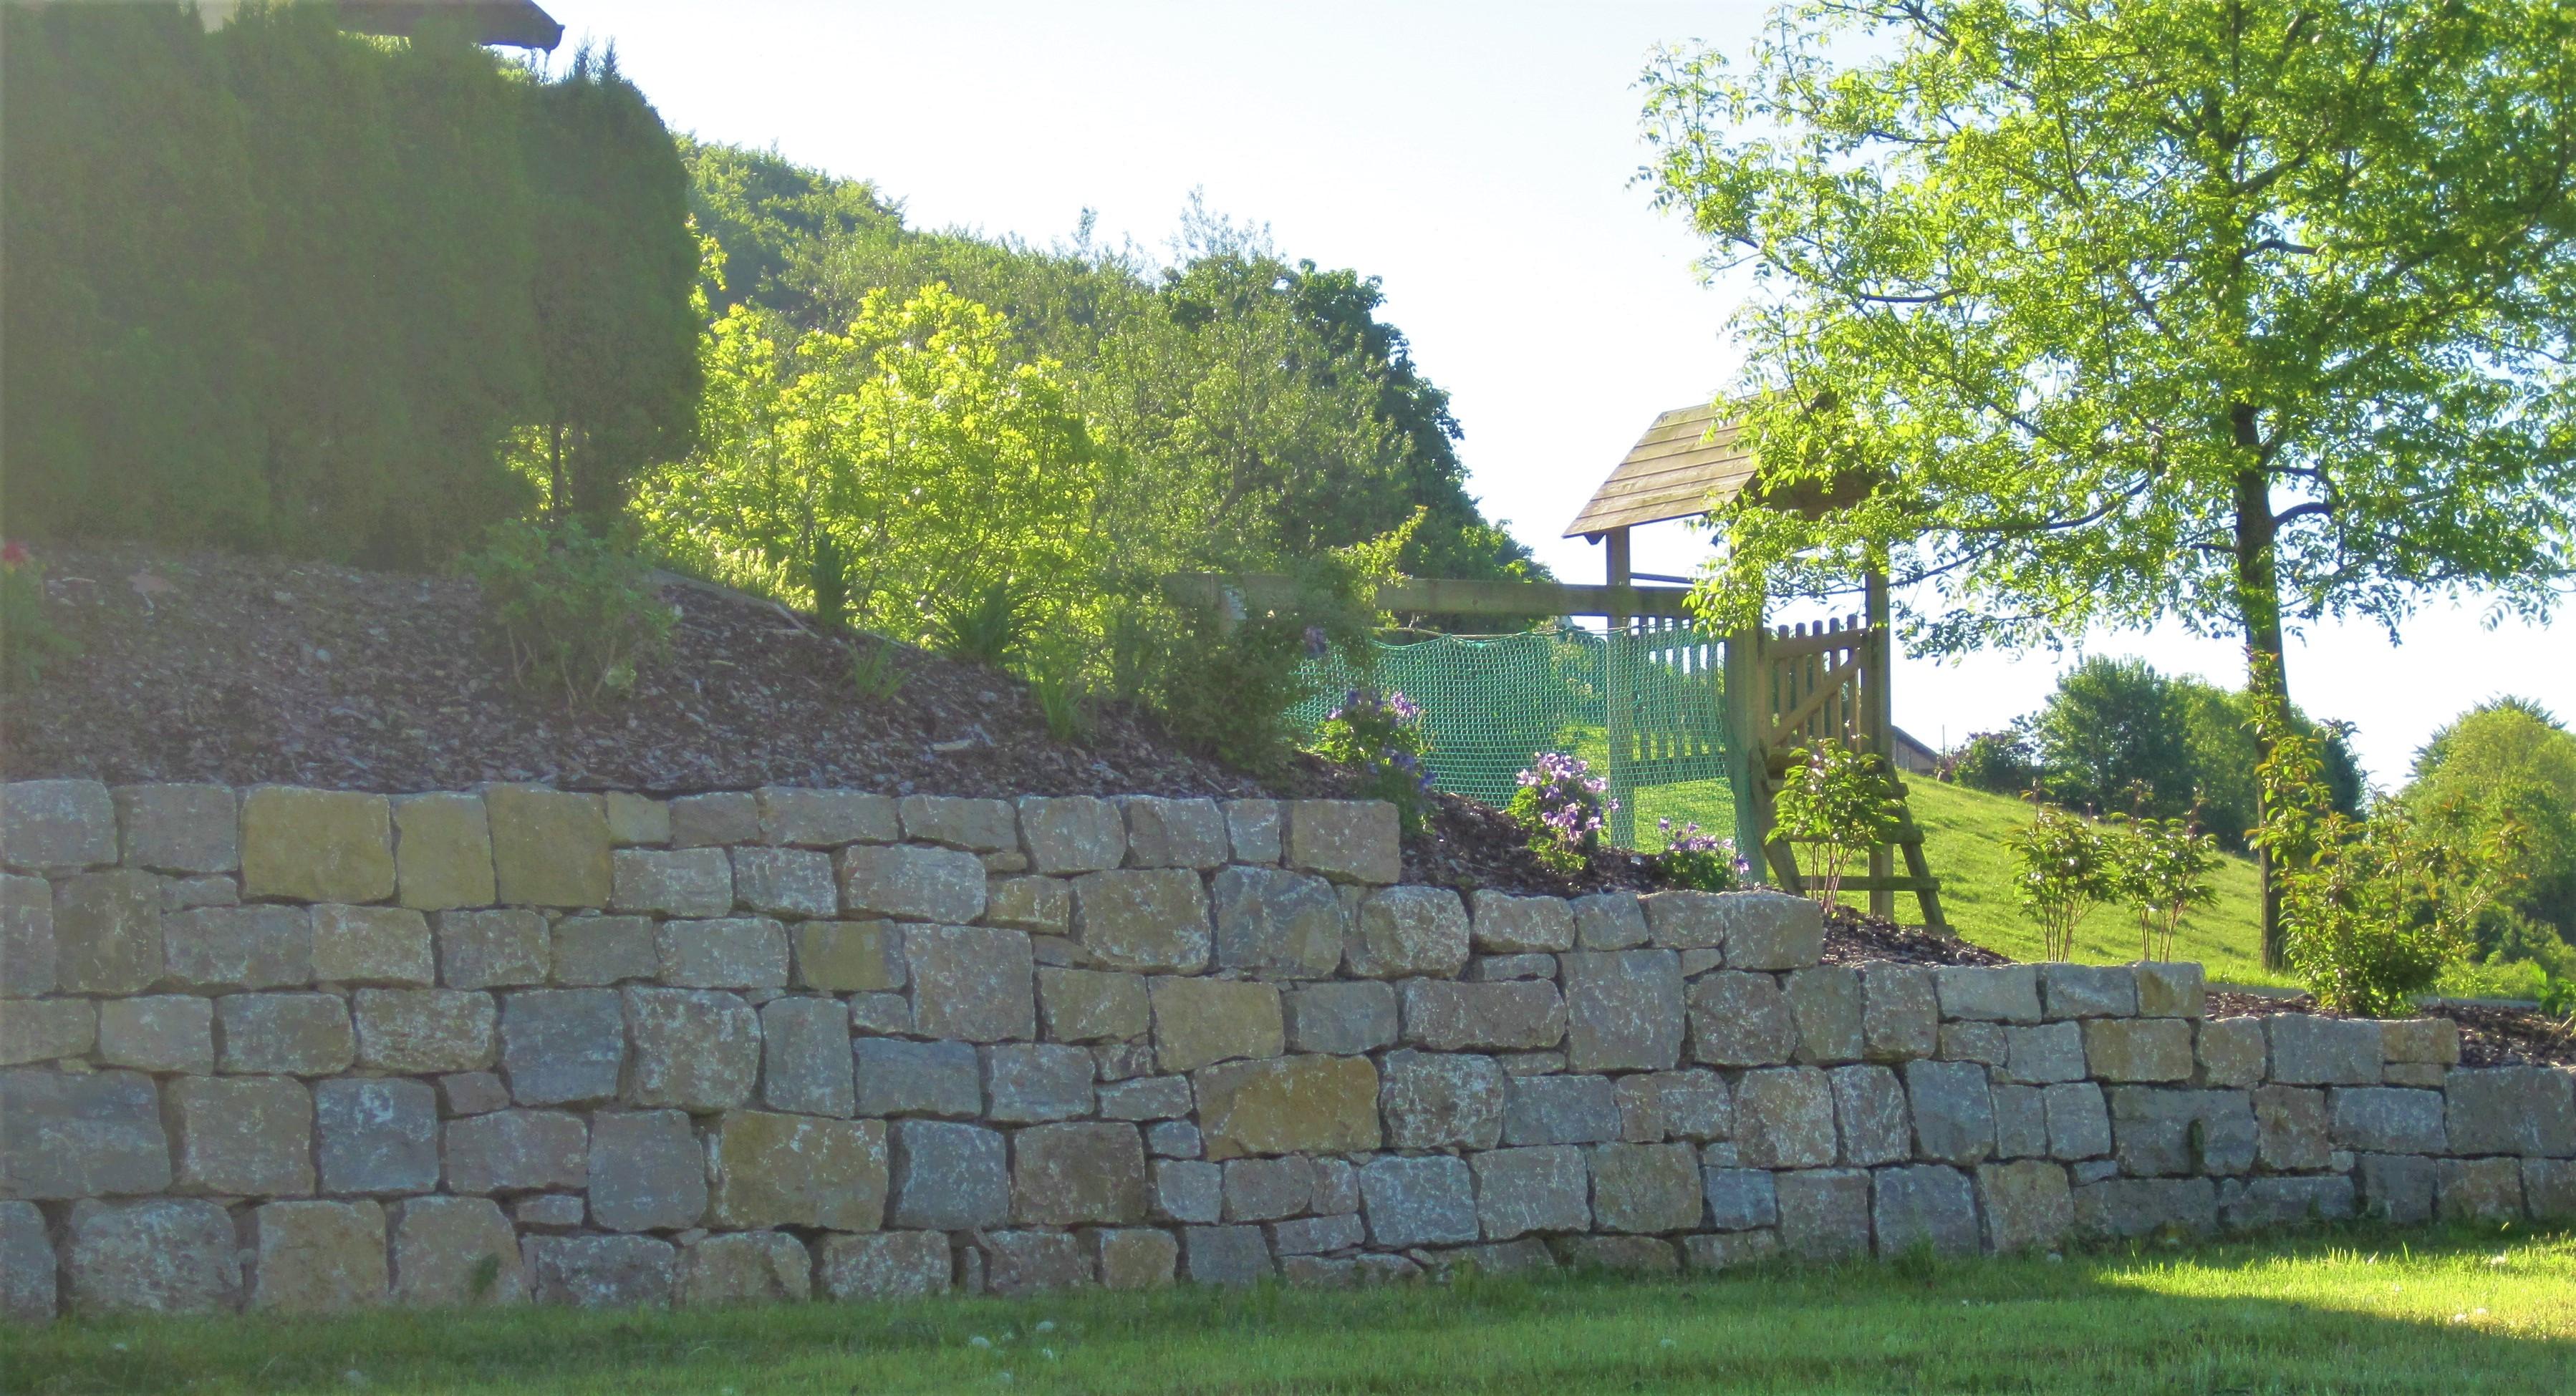 Trockenmauerwerk aus Naturstein